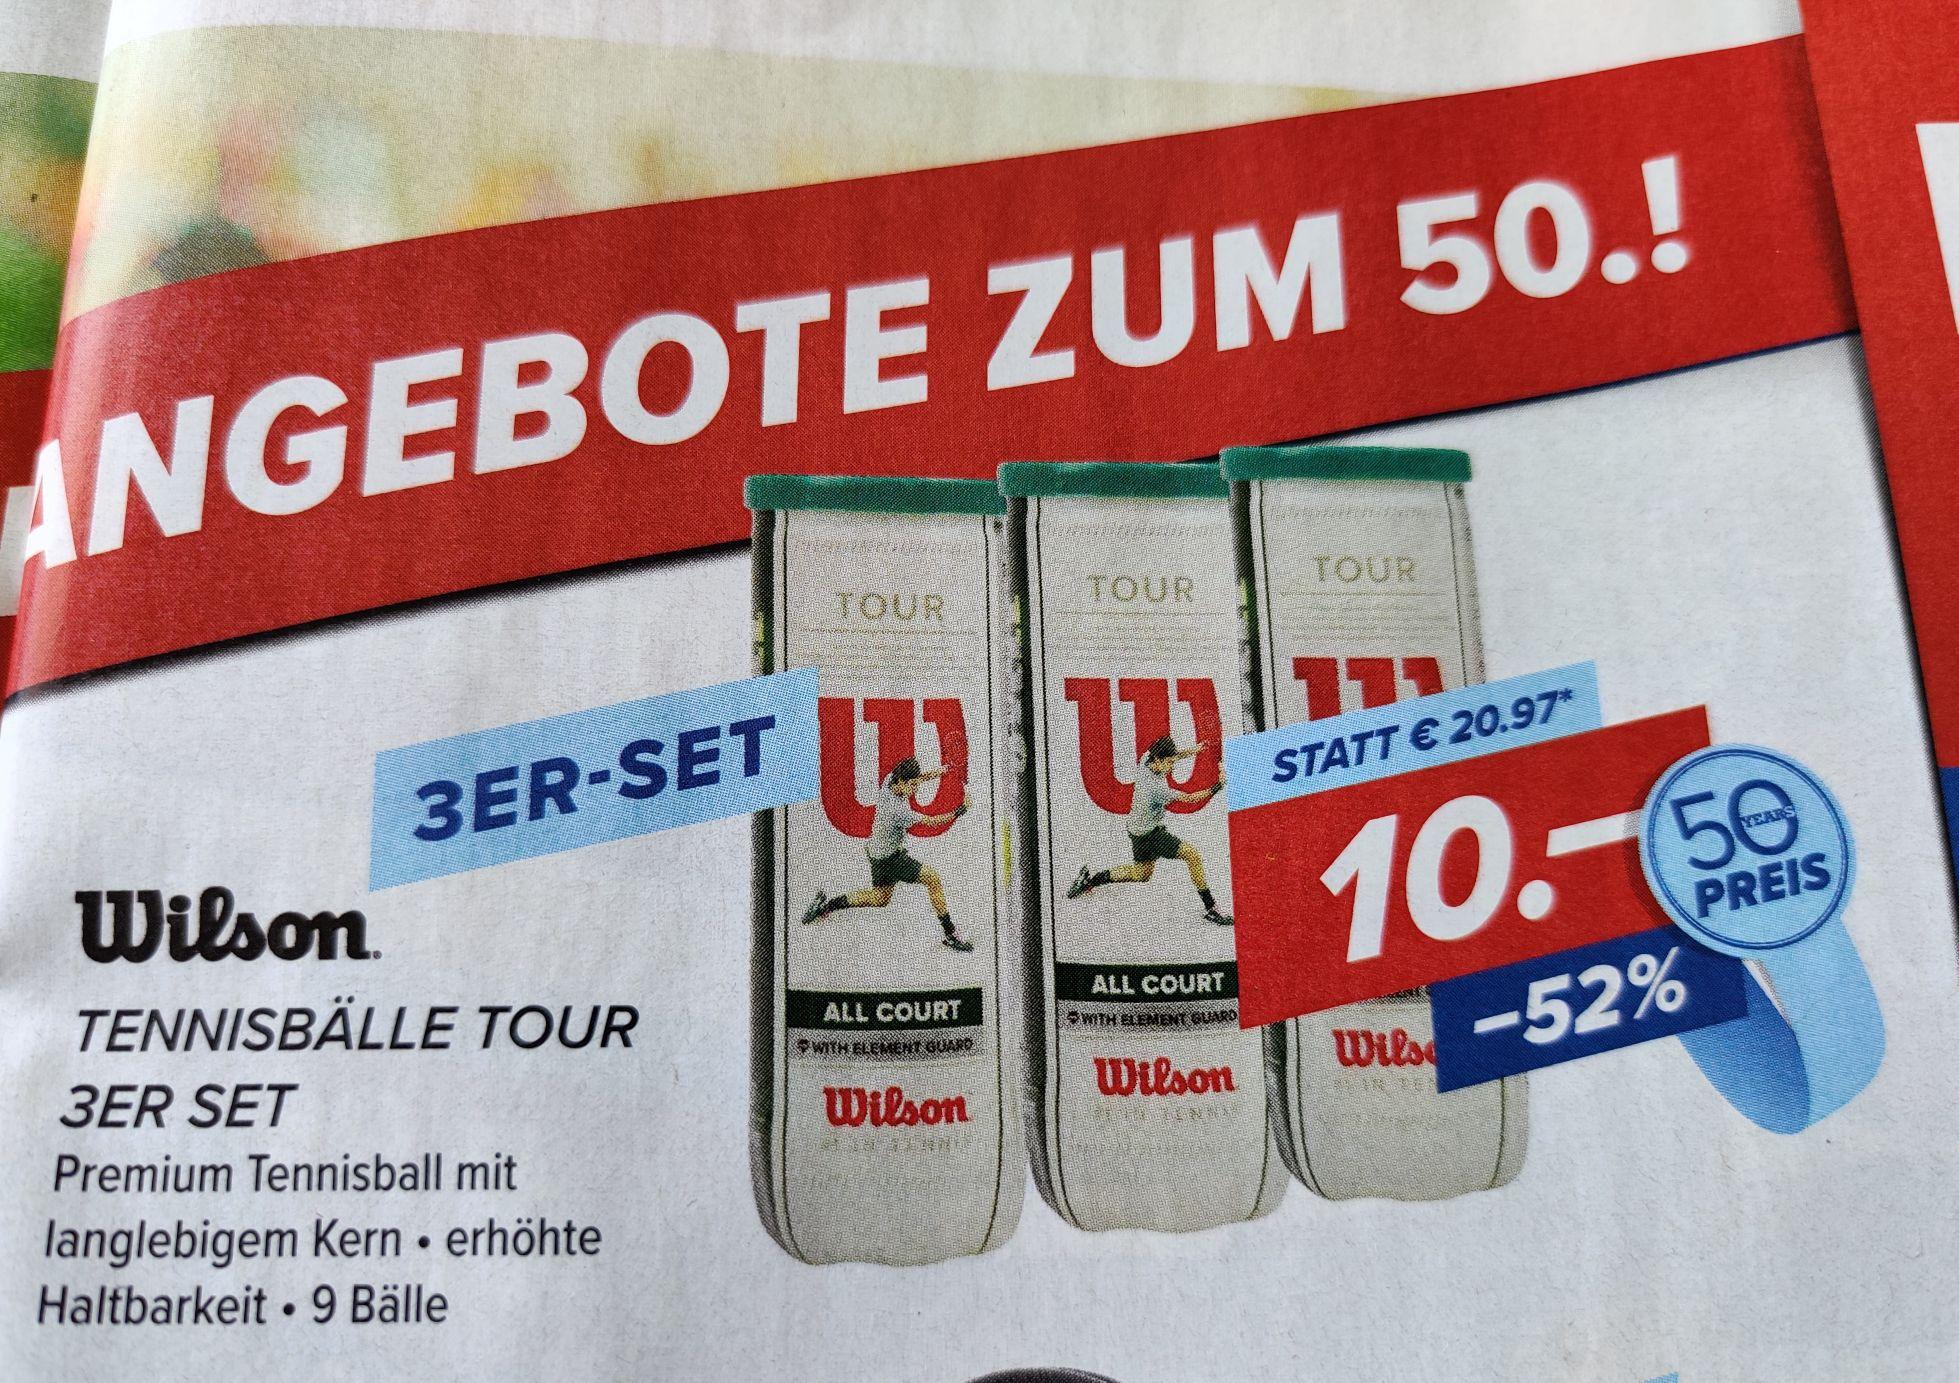 [Hervis] Wilson All Court Tennisbälle 3er Set nur 10€